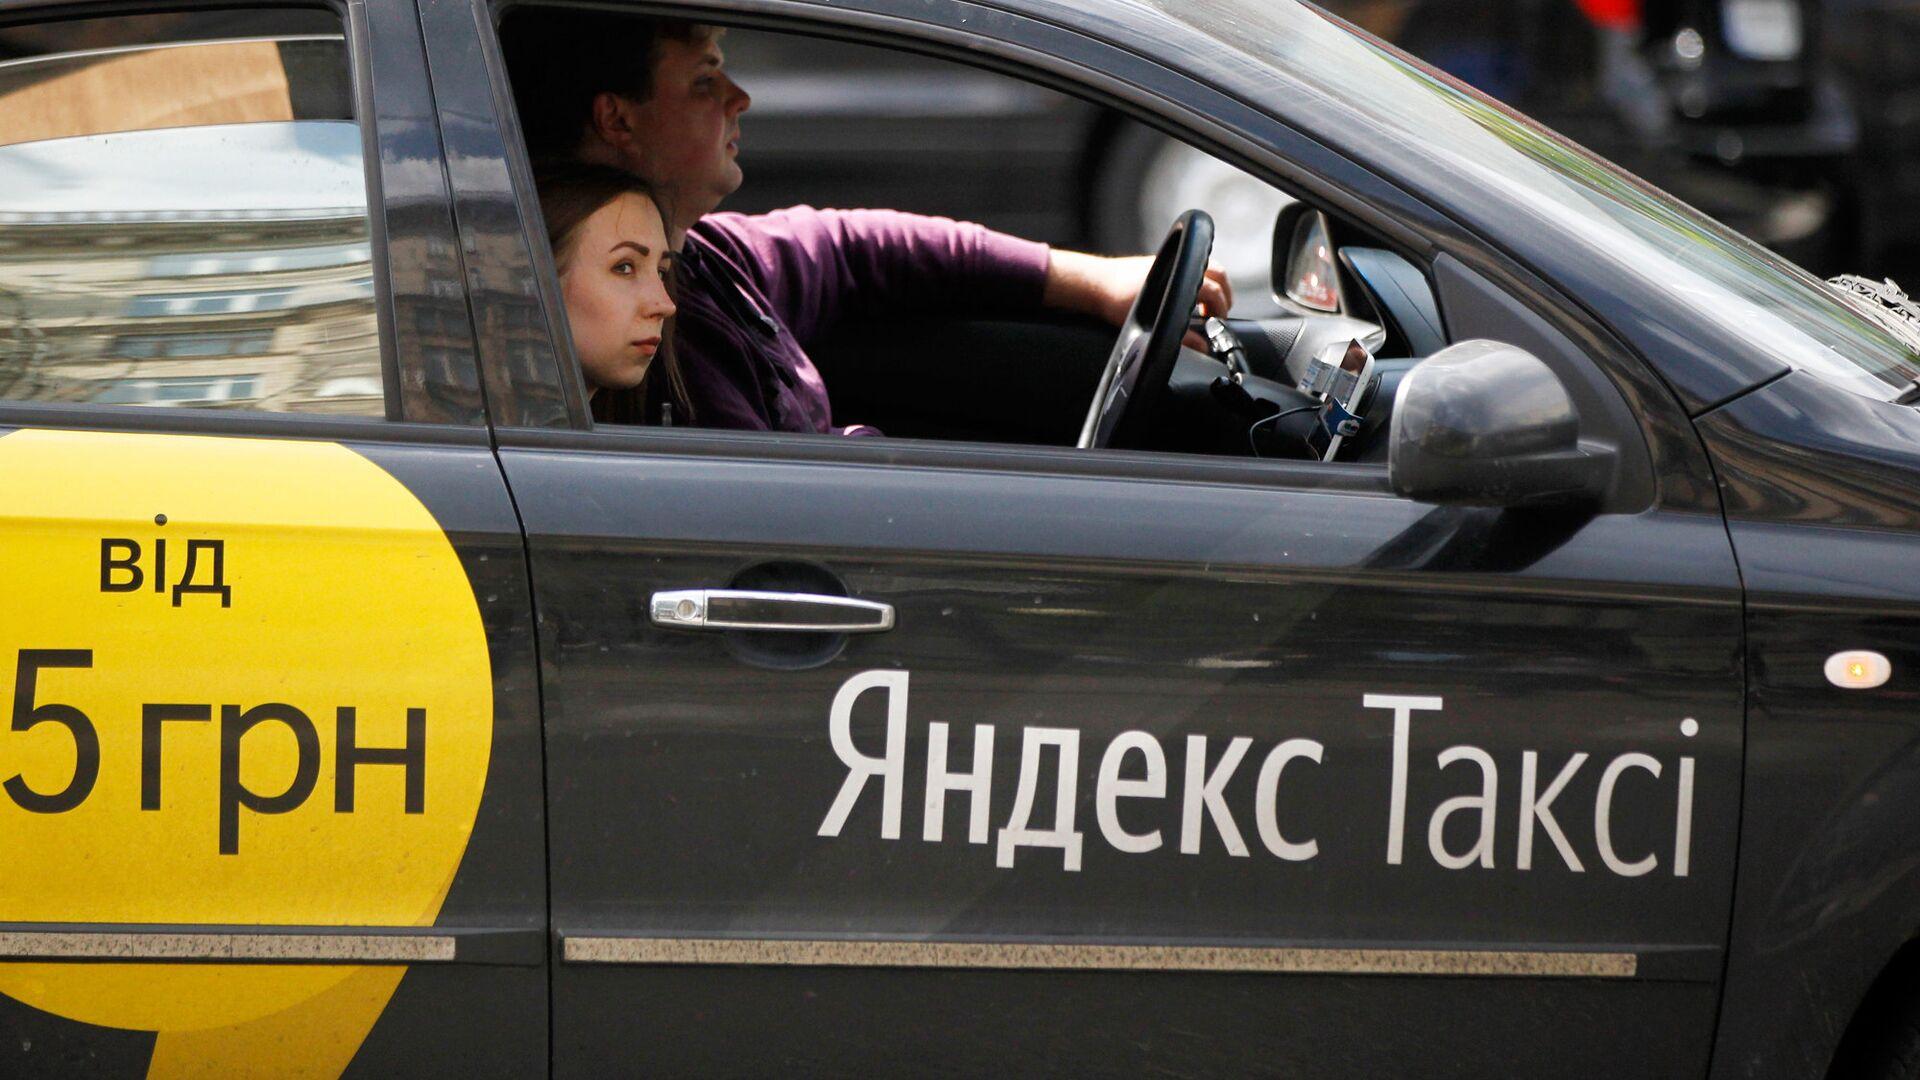 Автомобиль службы Yandex-такси в Киеве - РИА Новости, 1920, 29.07.2021